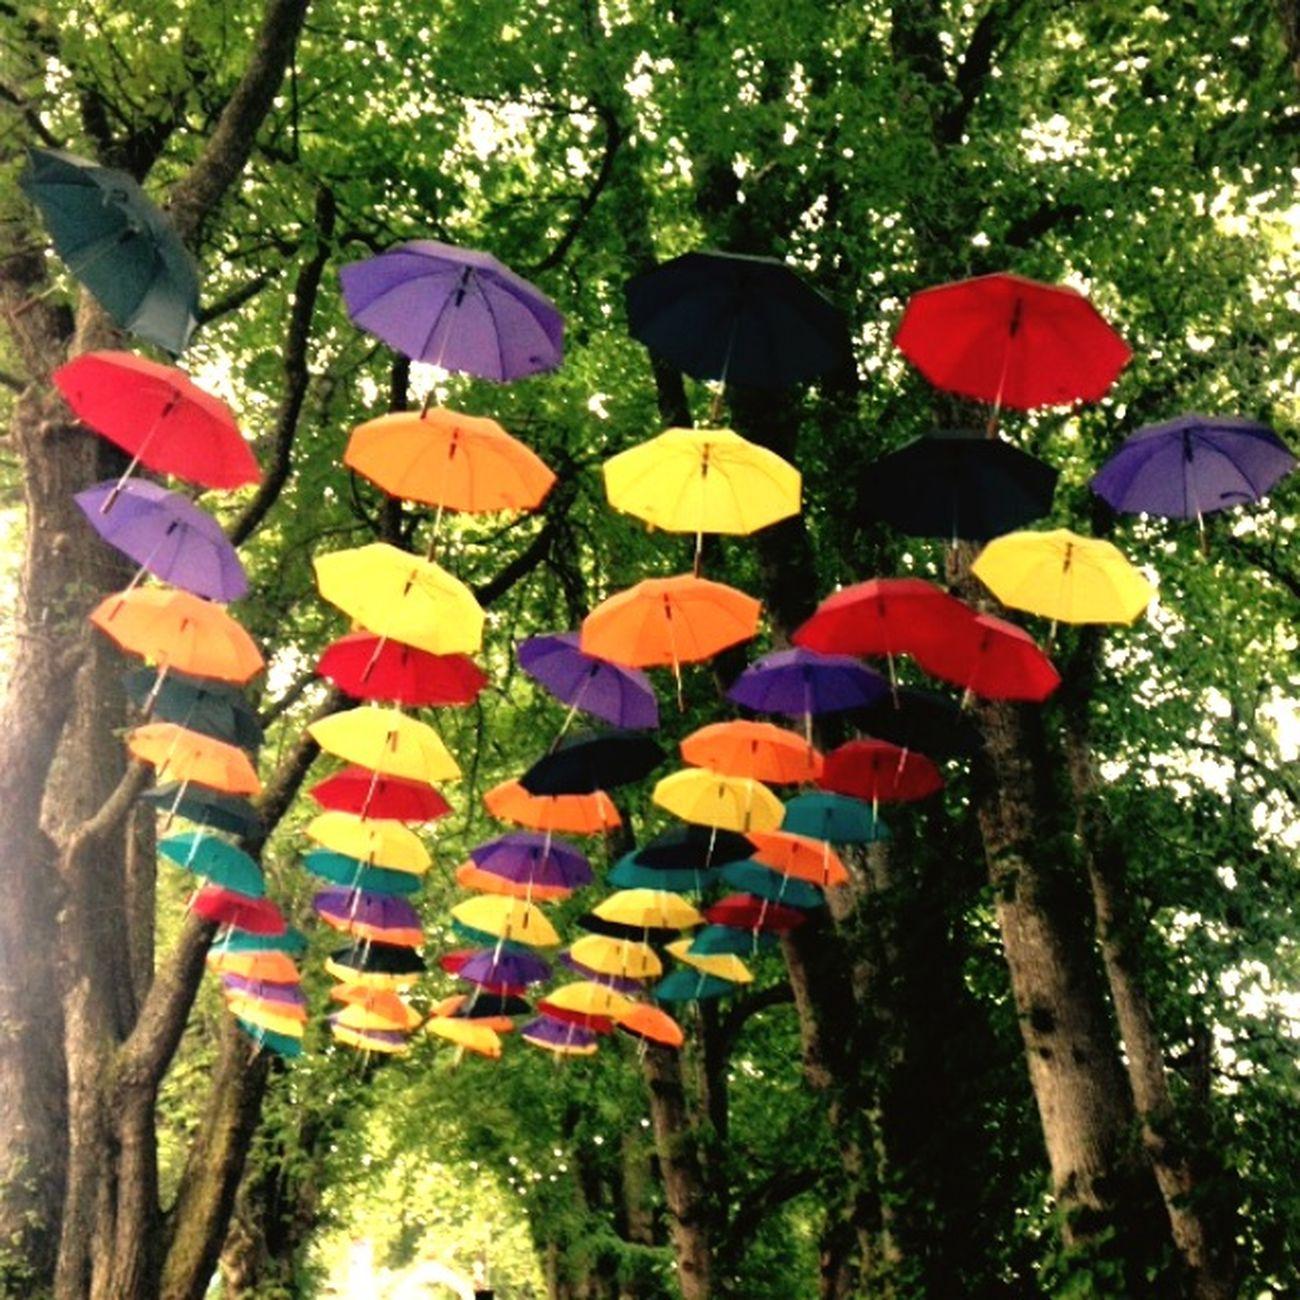 Umbrellas Act Decorations Umbrellasky Colourful Decoration Belladrum Festival Festival